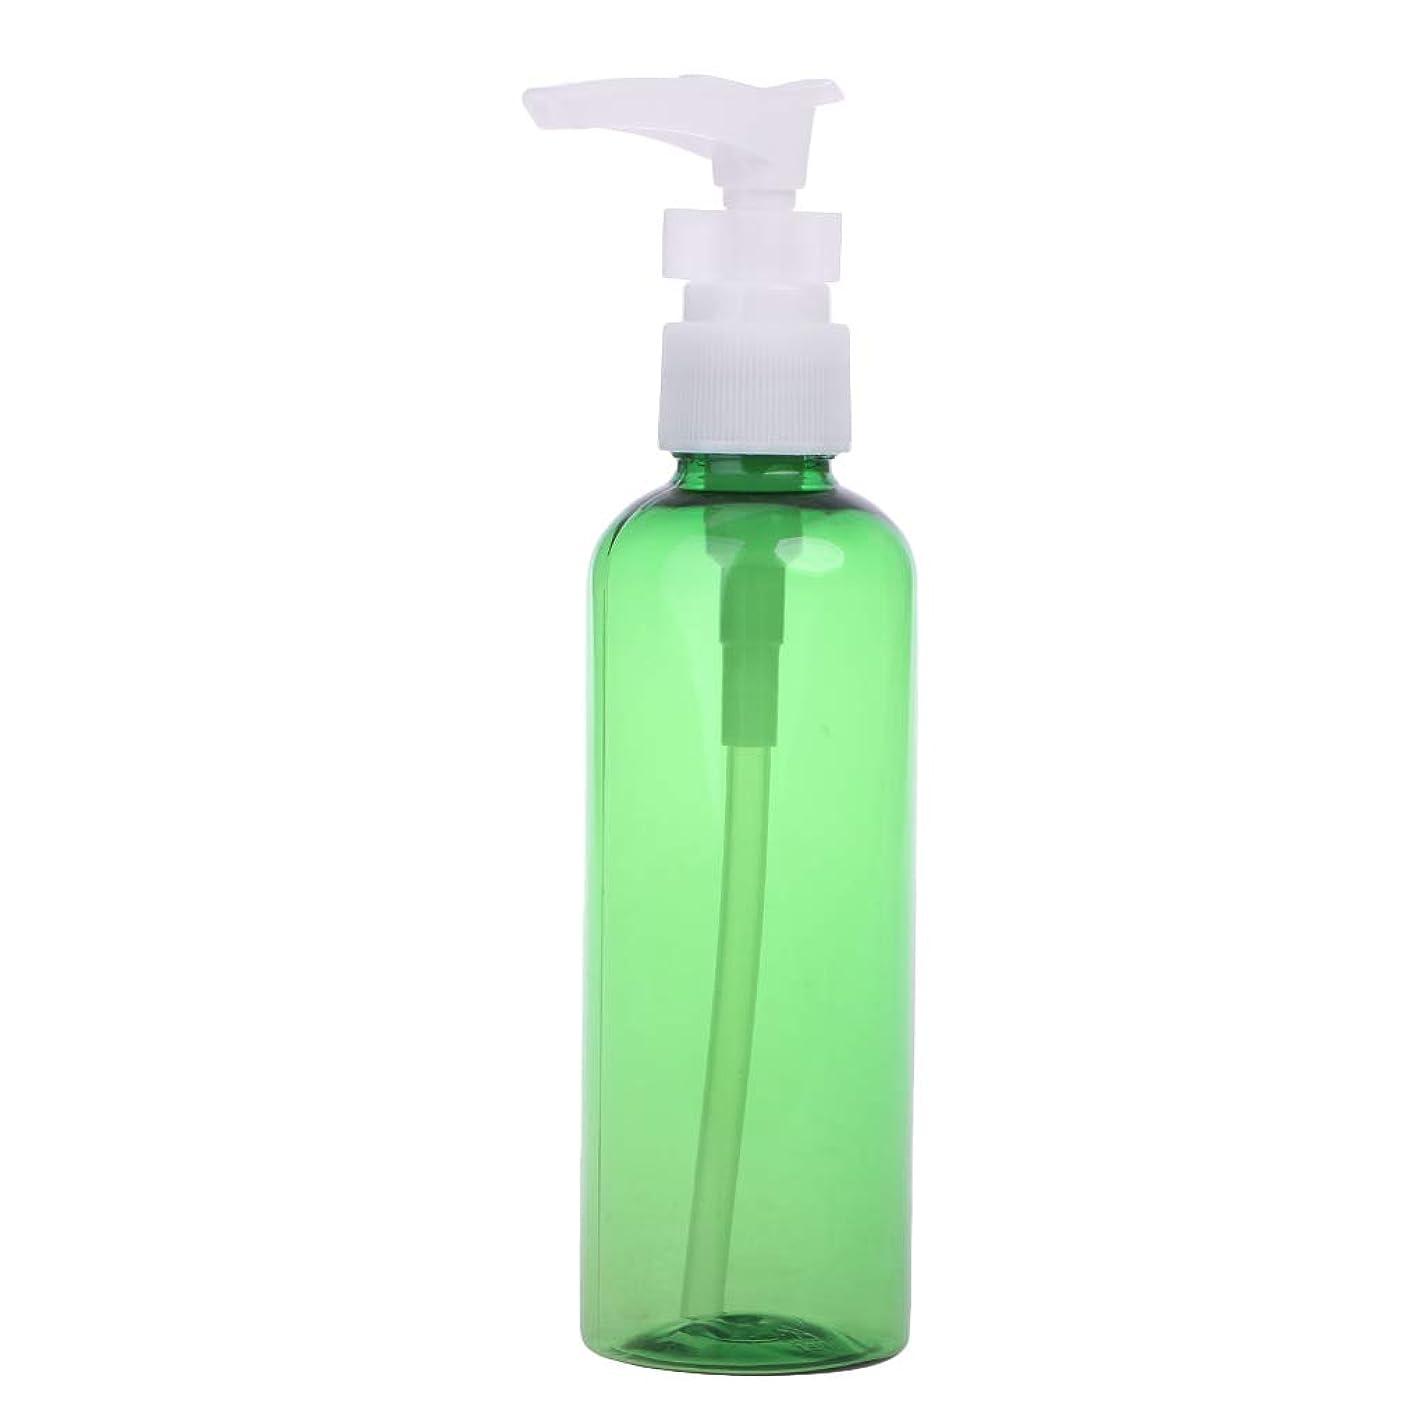 ナット分析的狼Dabixx 1ピース30ミリリットル - 100ミリリットル石鹸シャンプーローション泡水プラスチックプレスポンプスプレーボトル - 深緑 - 100ML